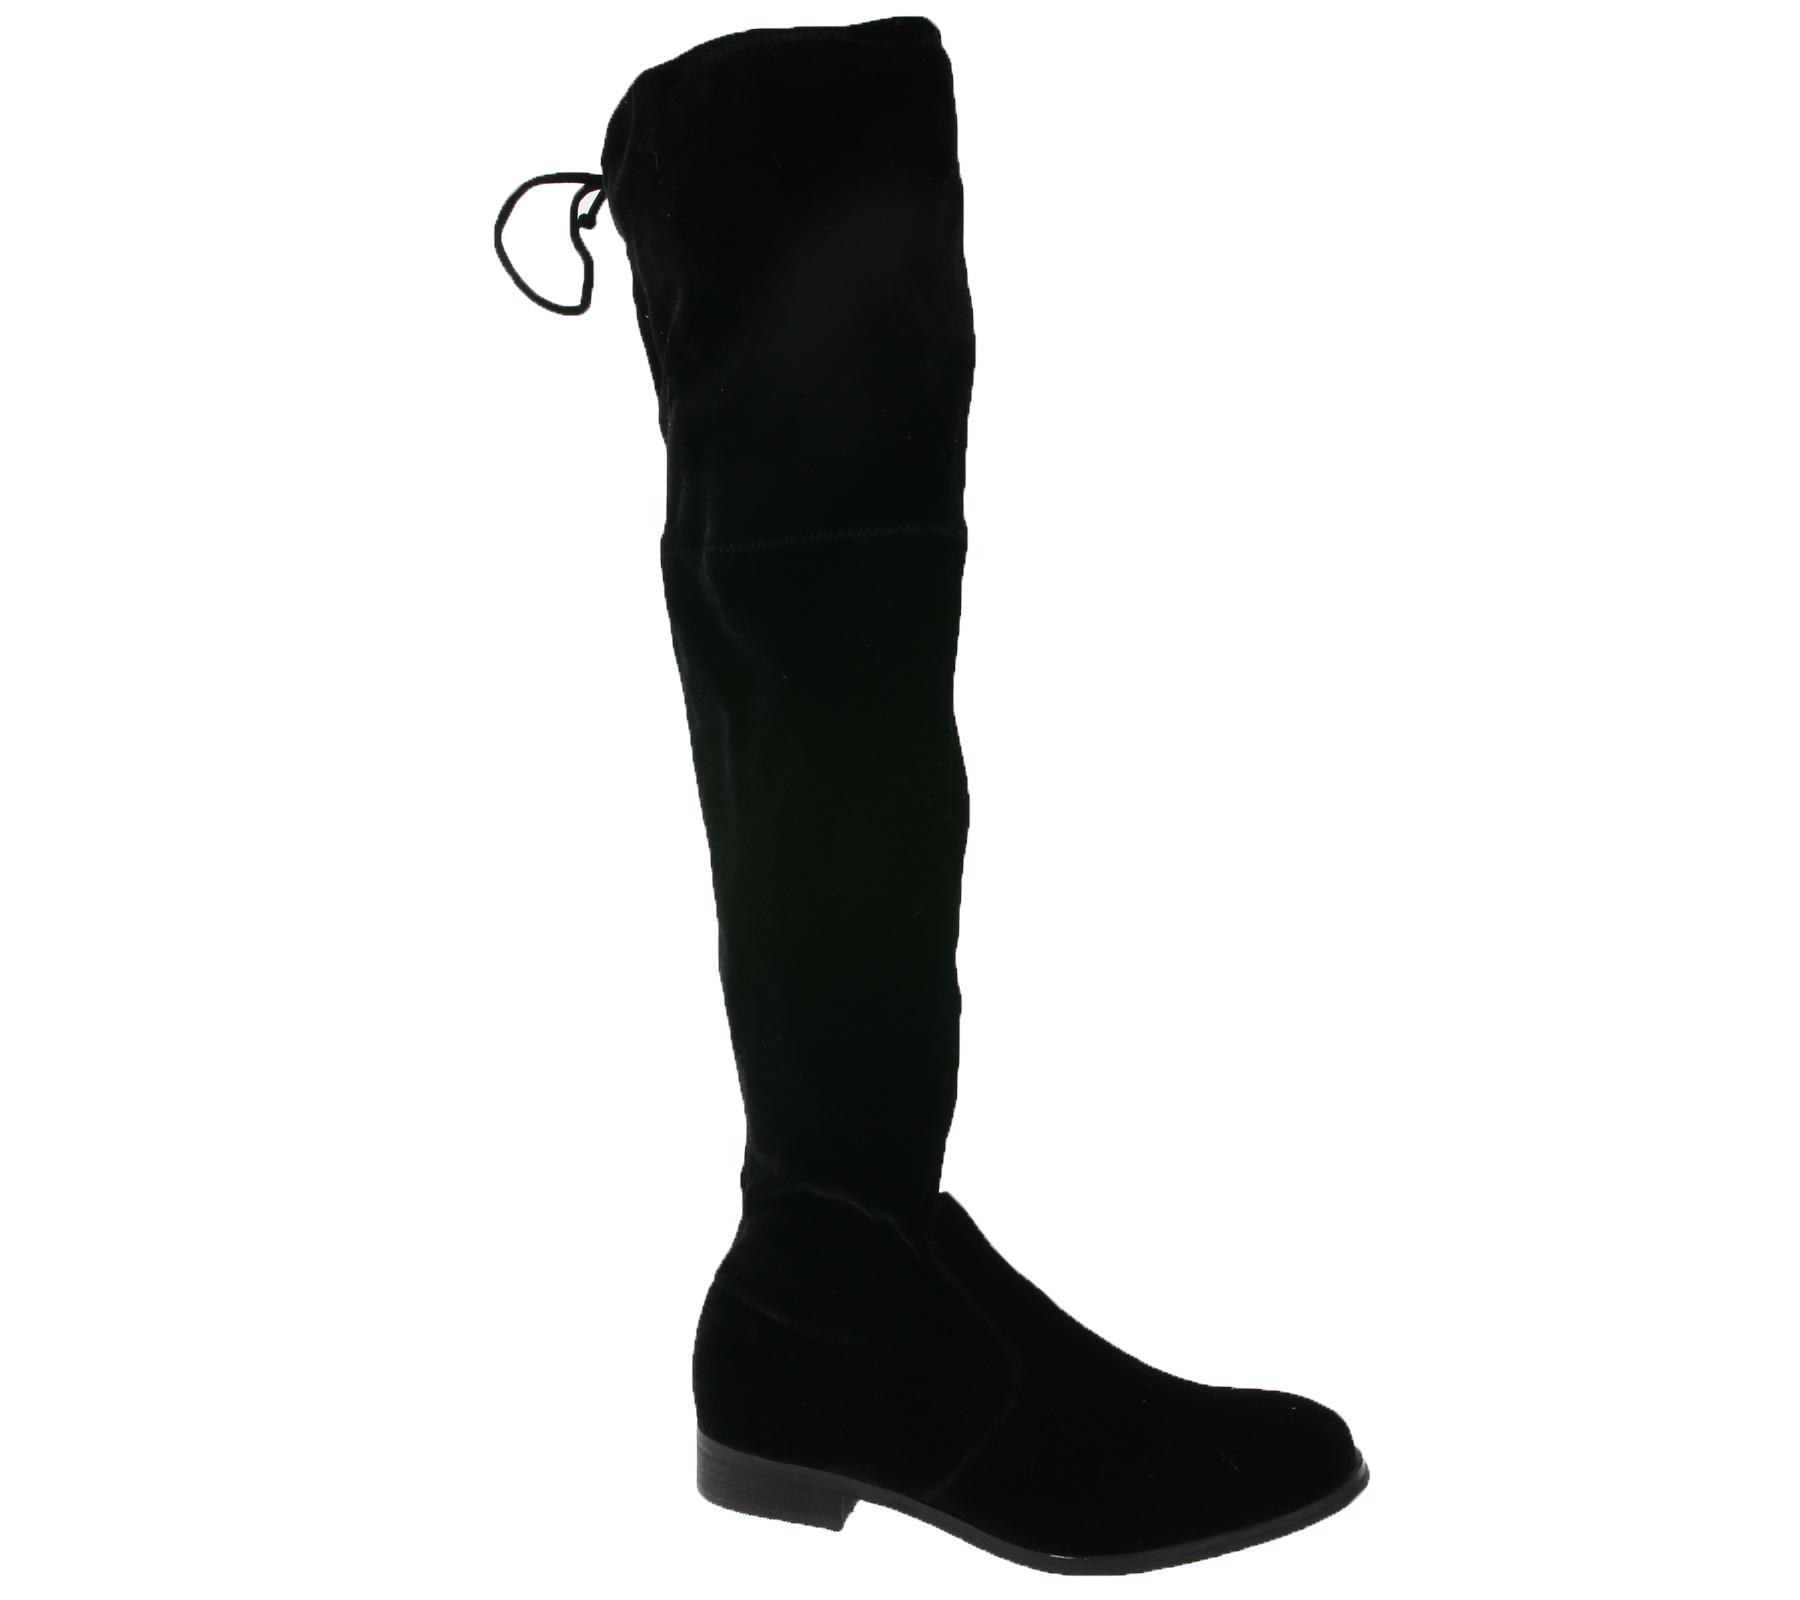 Details zu POELMAN Samt Boots stylische Damen Overknee Stiefel Adriana lll Schwarz